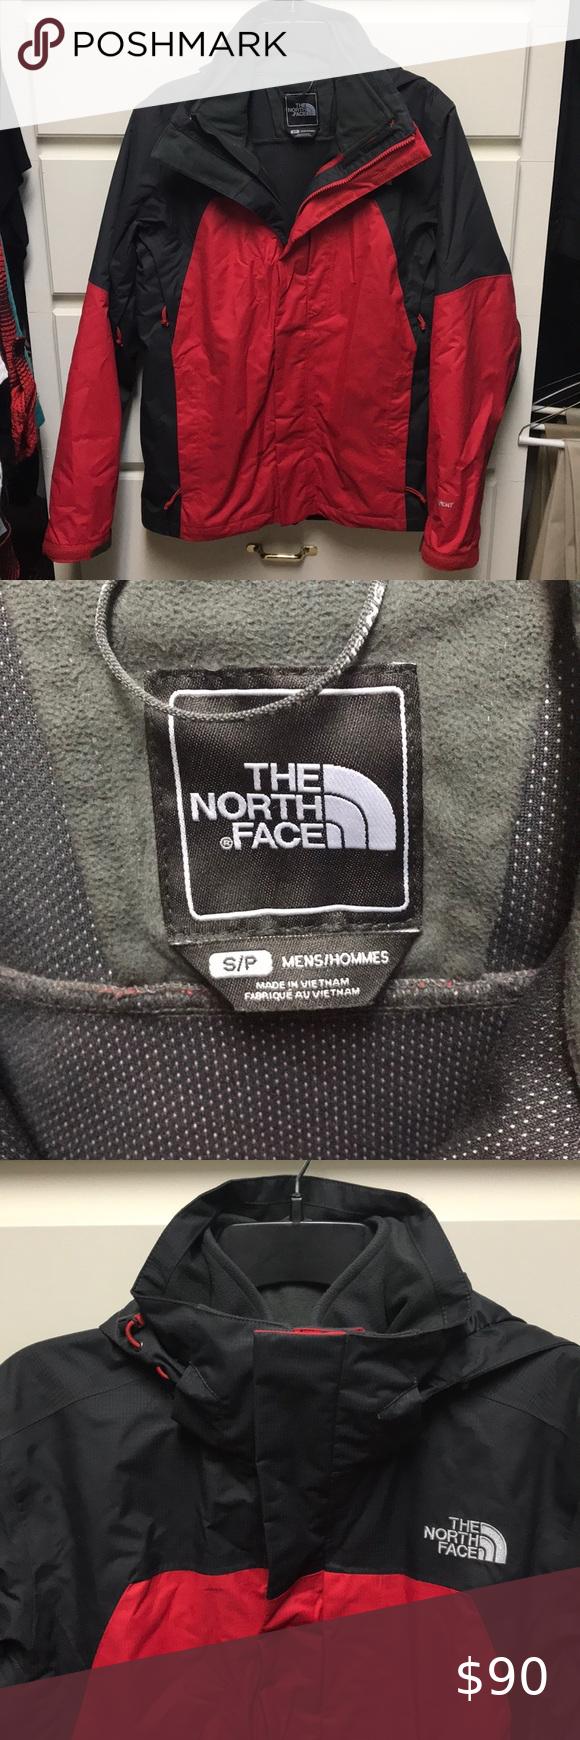 2 In 1 Nwot North Face Jacket Zip In Fleece North Face Jacket North Face Jacket Mens North Face Fleece Jacket [ 1740 x 580 Pixel ]